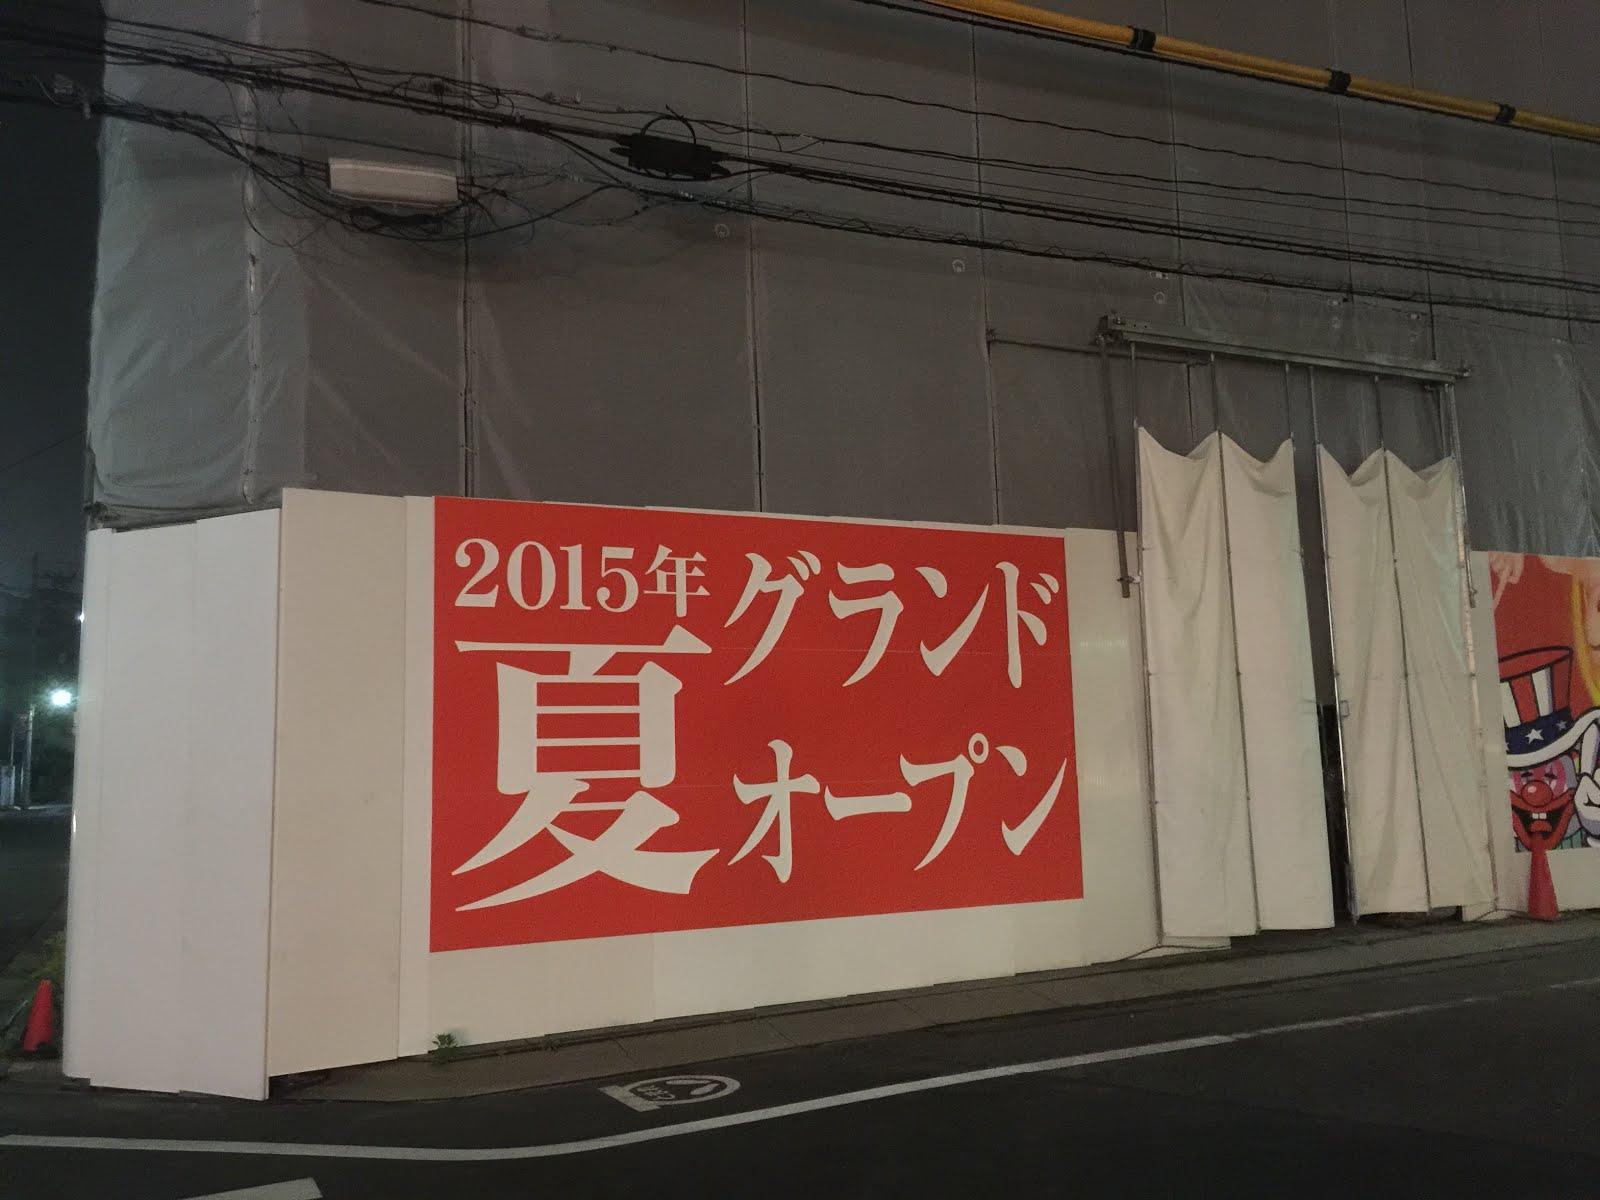 篠崎 パチンコ